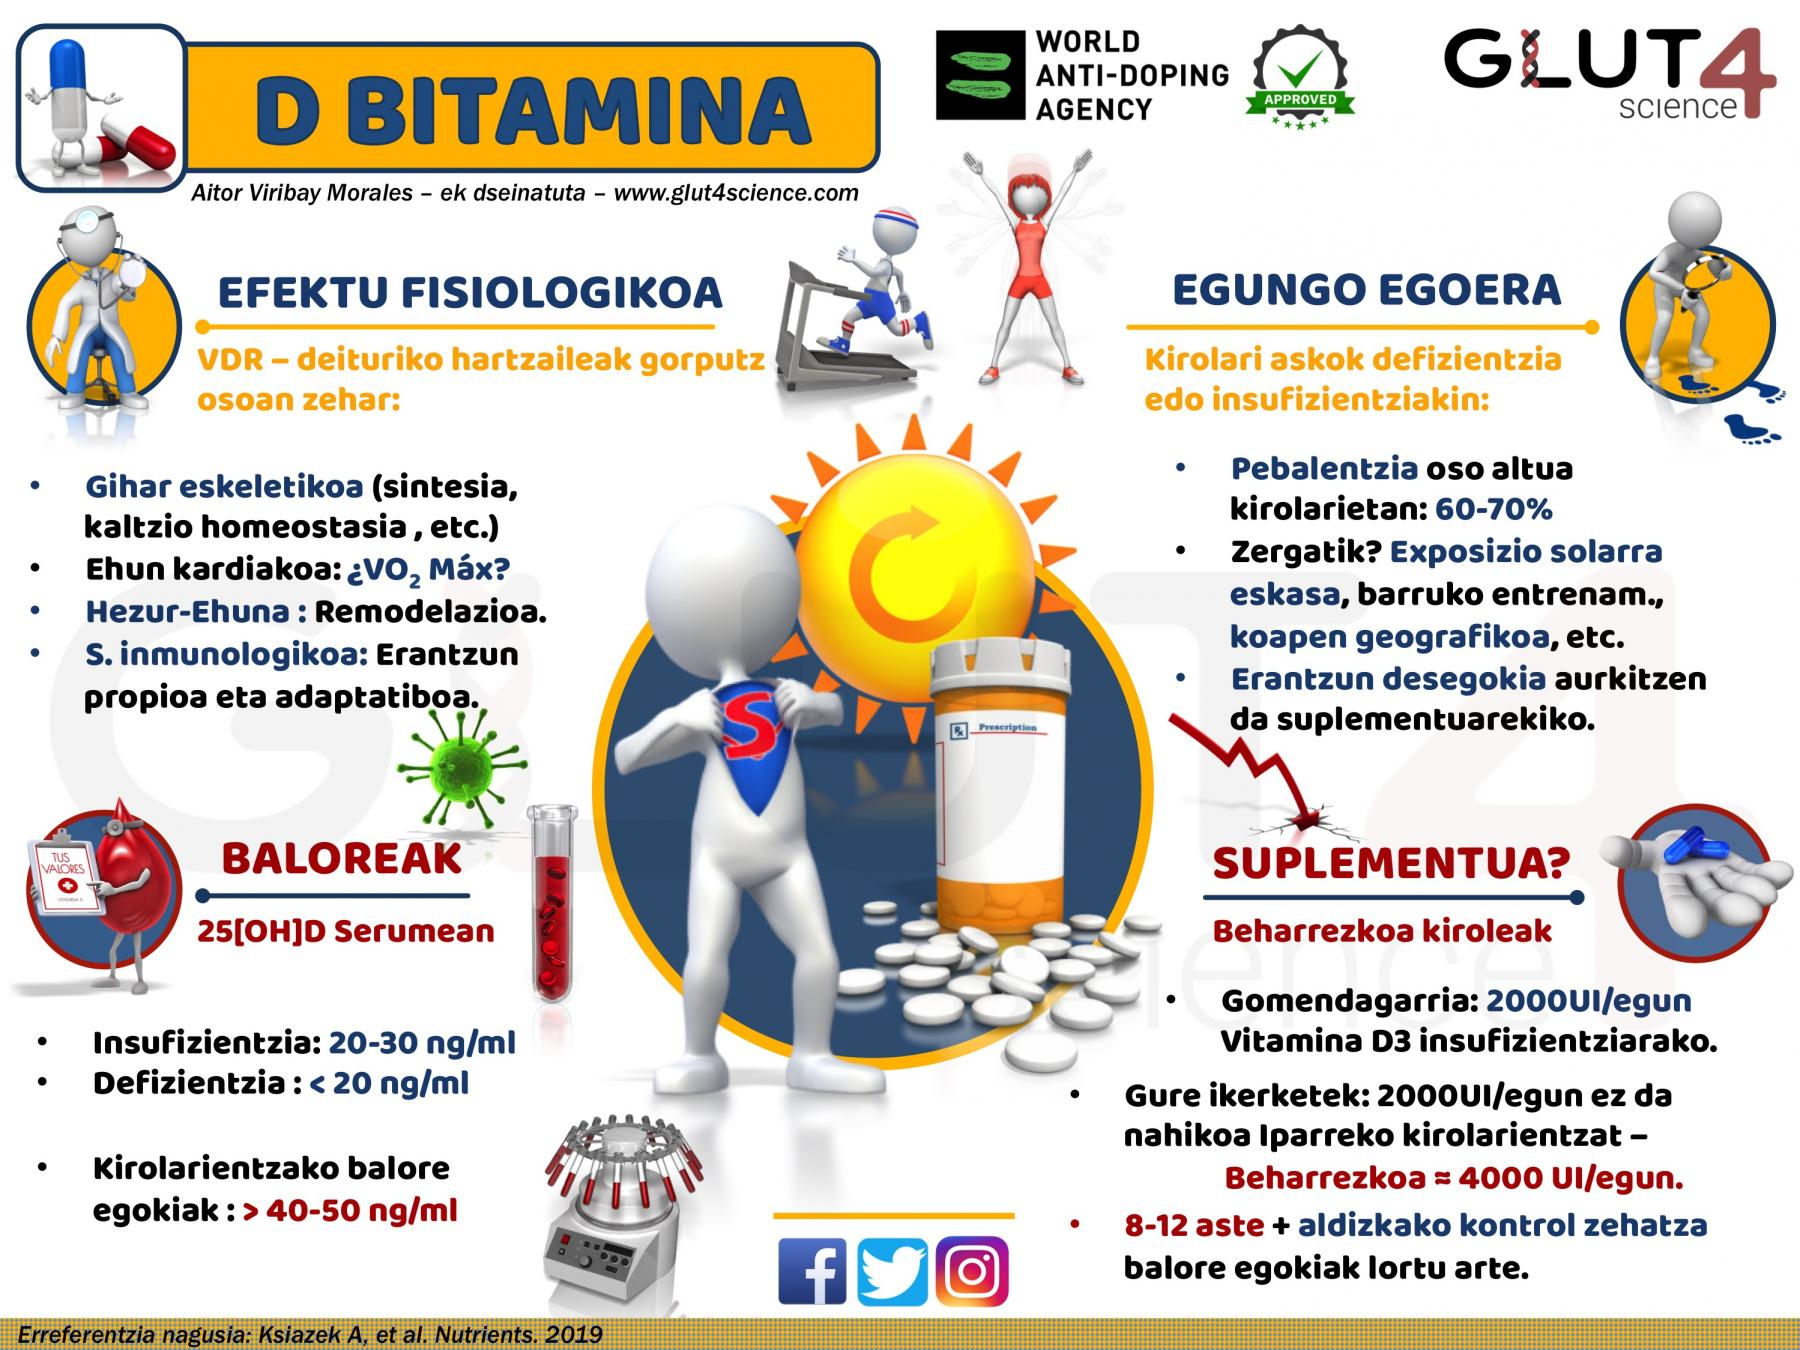 Bitamina D Suplementazioa Kirolarietan